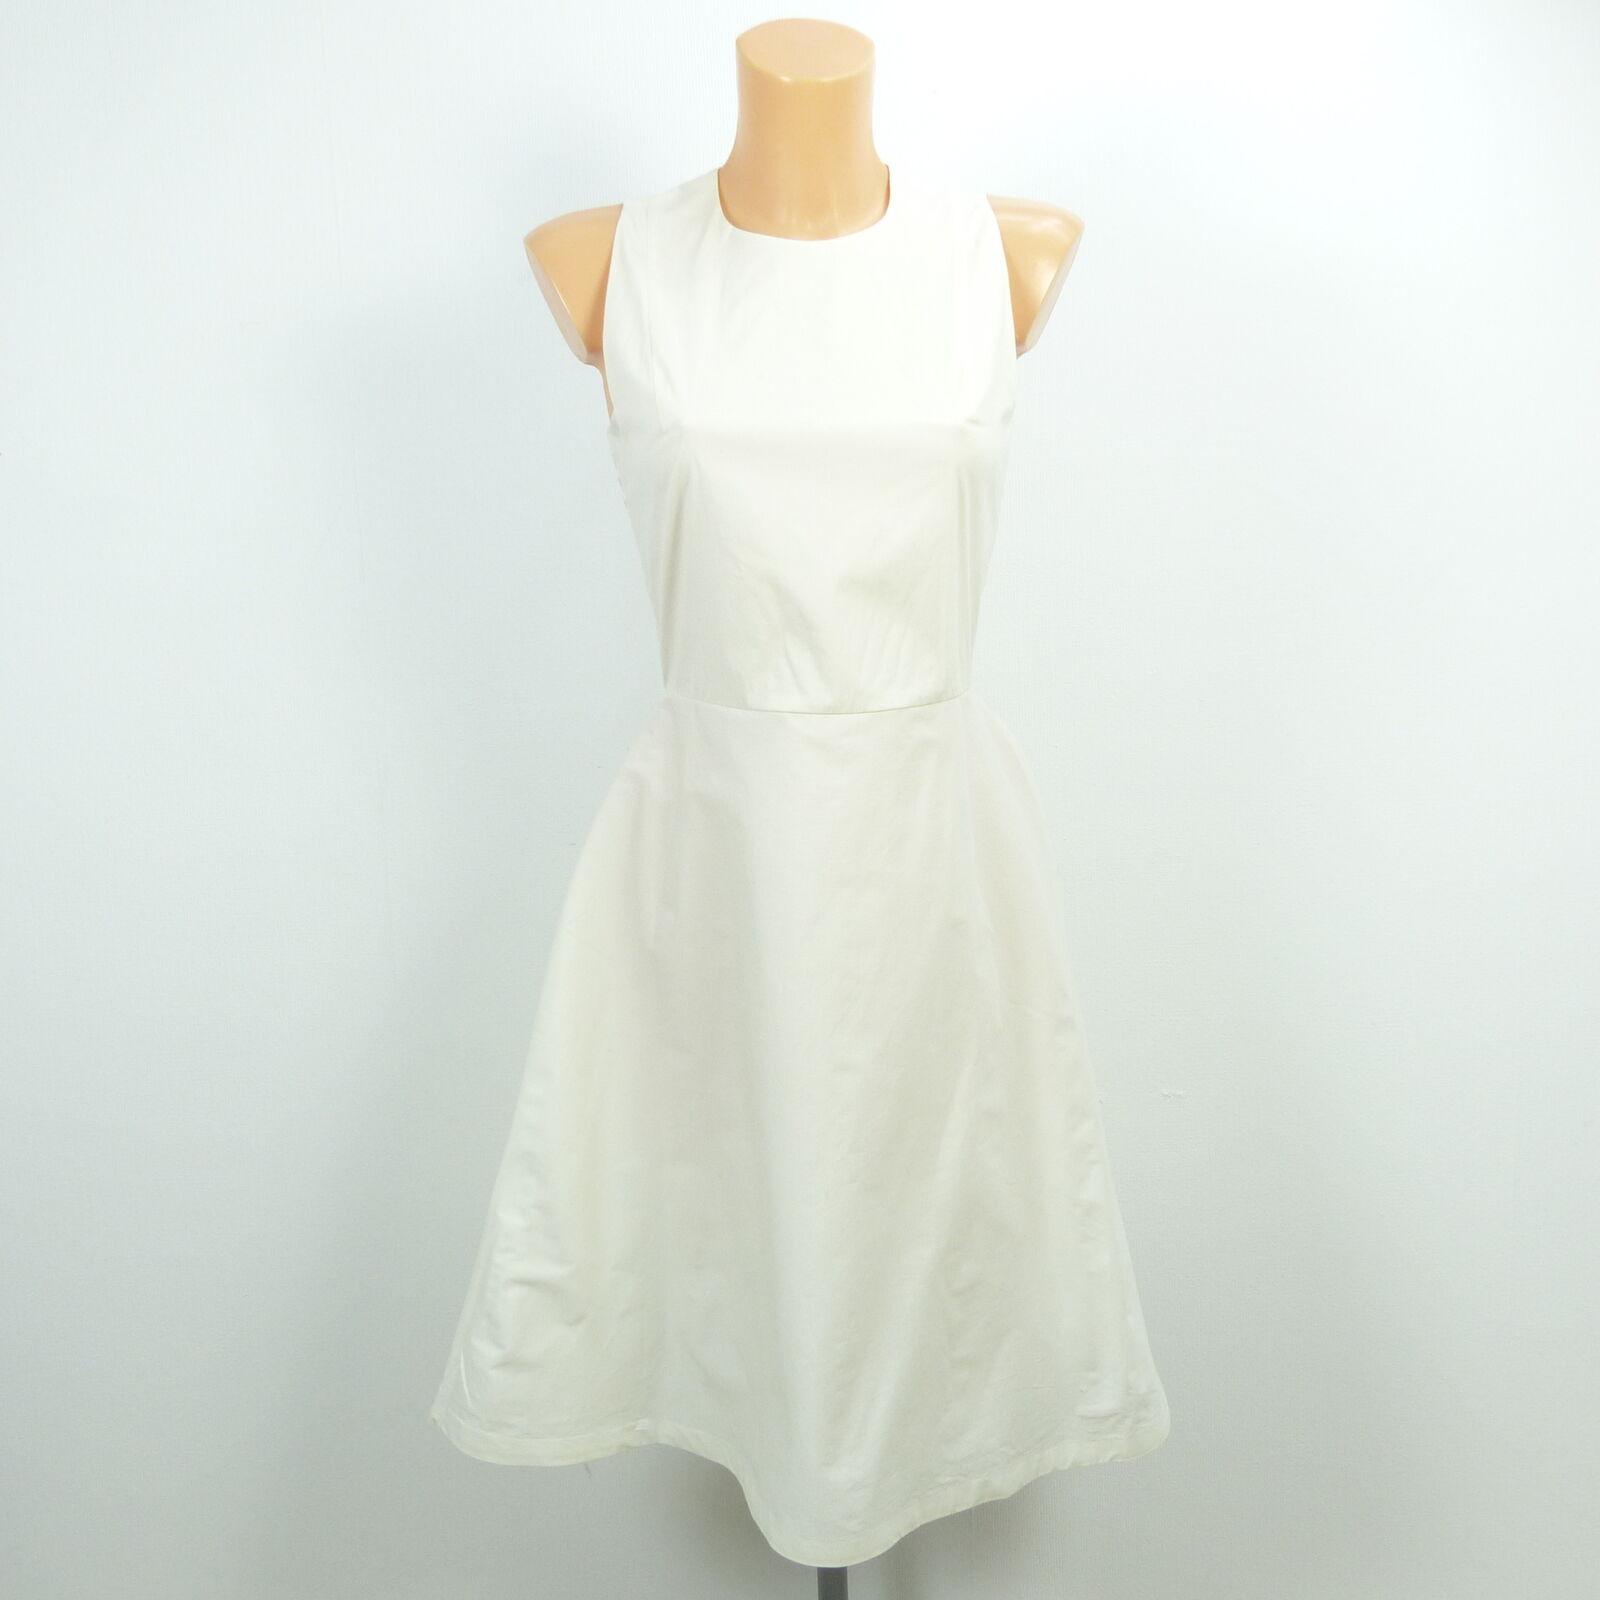 COS COS COS Kleid Dress Festlich white Offwhite Gr. 34 XS adb924